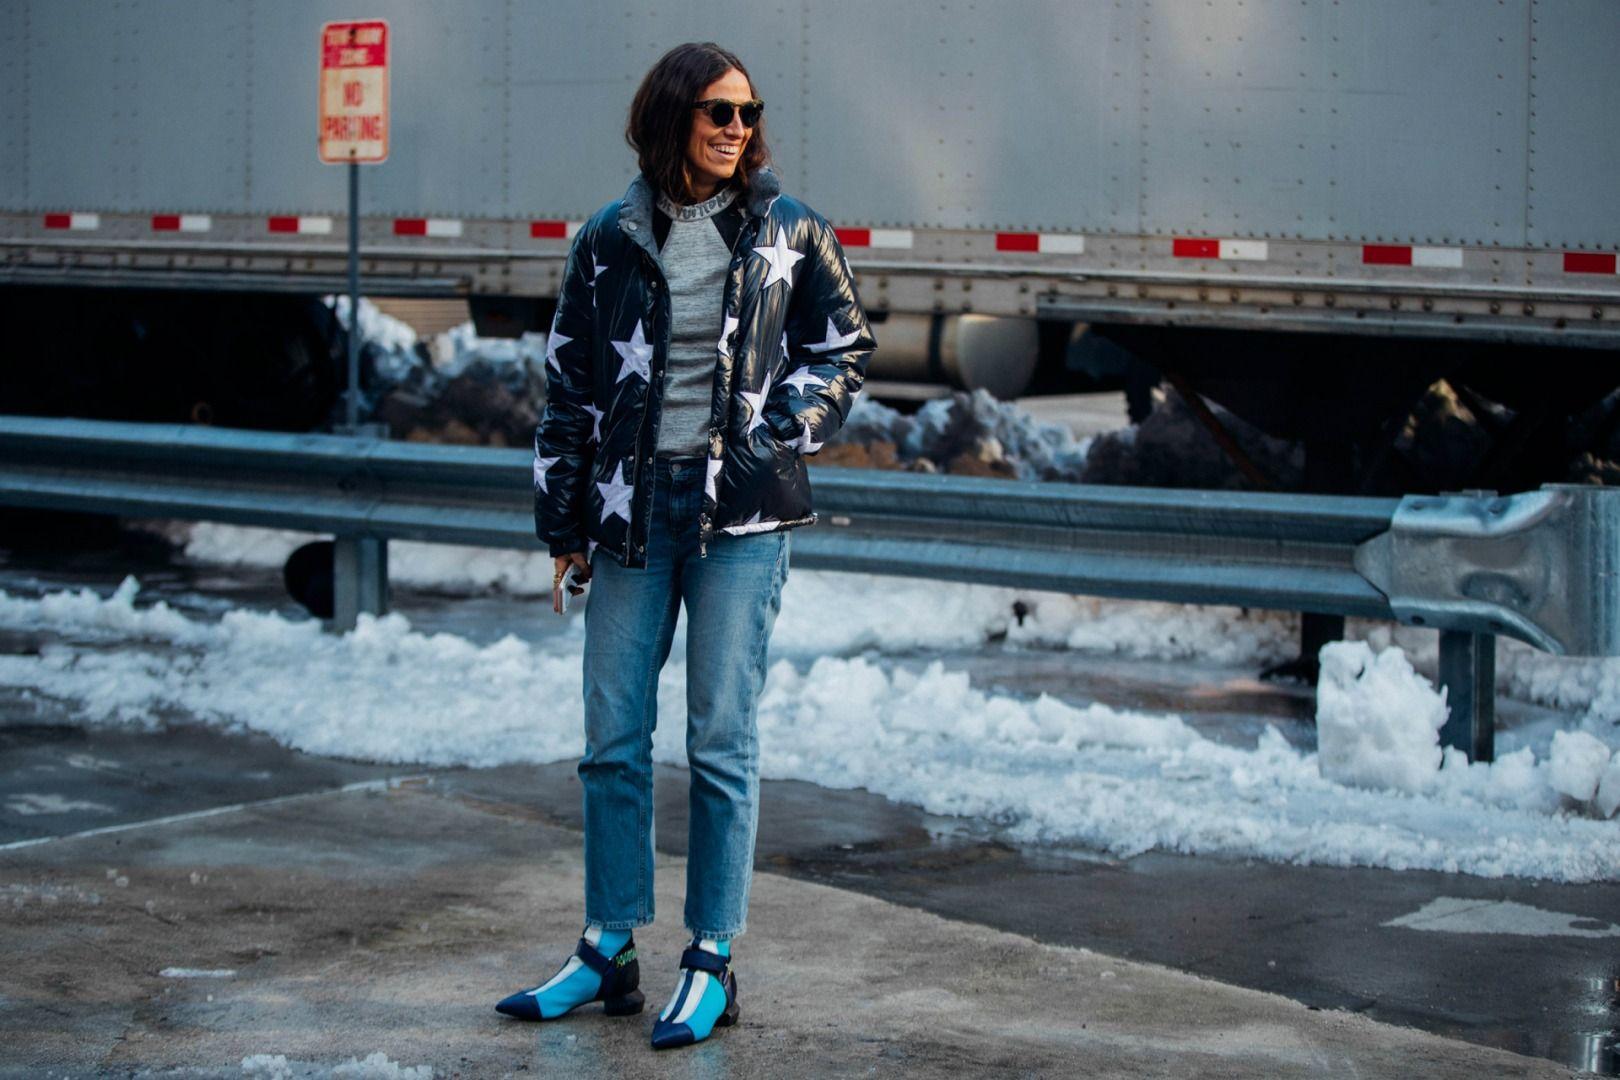 Sokak Stili: 2017 Sonbahar/Kış New York Moda Haftası 1. ve 2. Gün